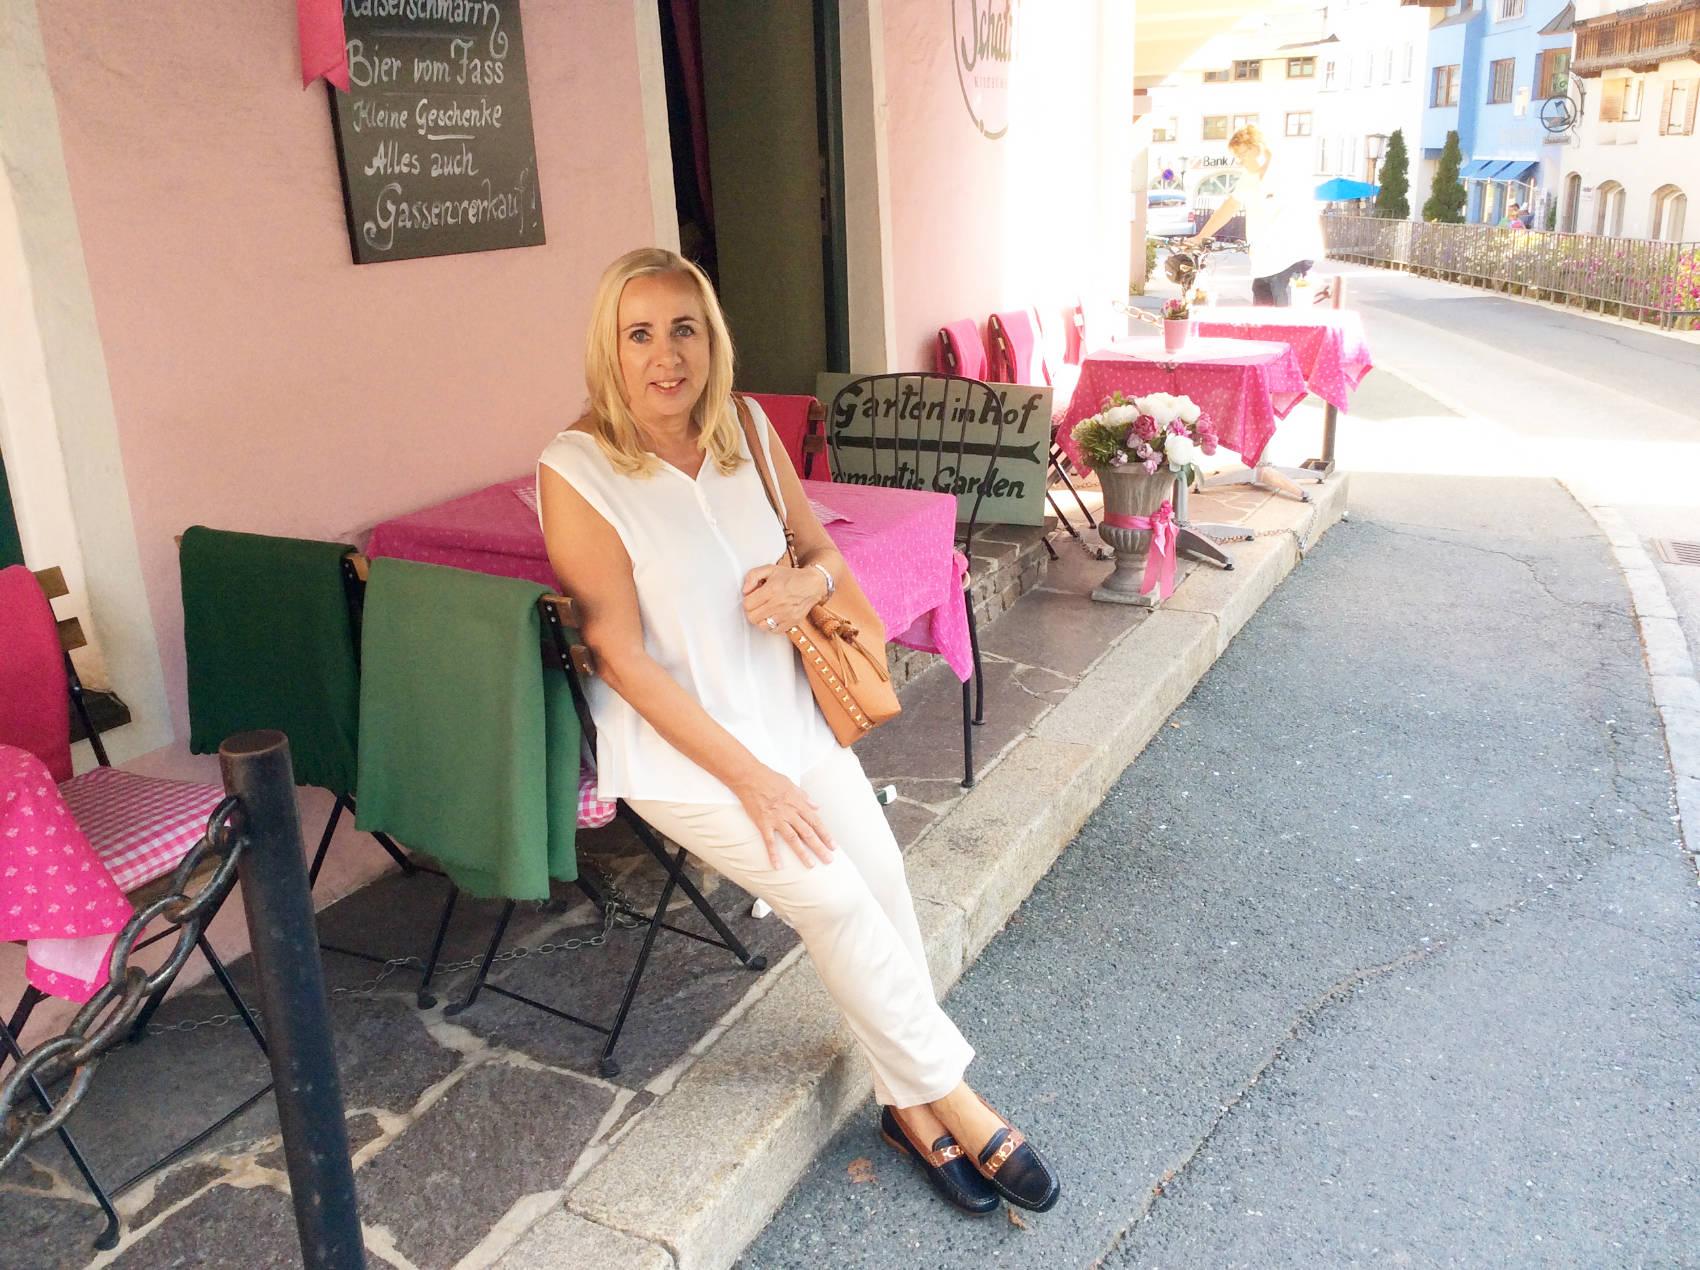 Café in Kitzbühel